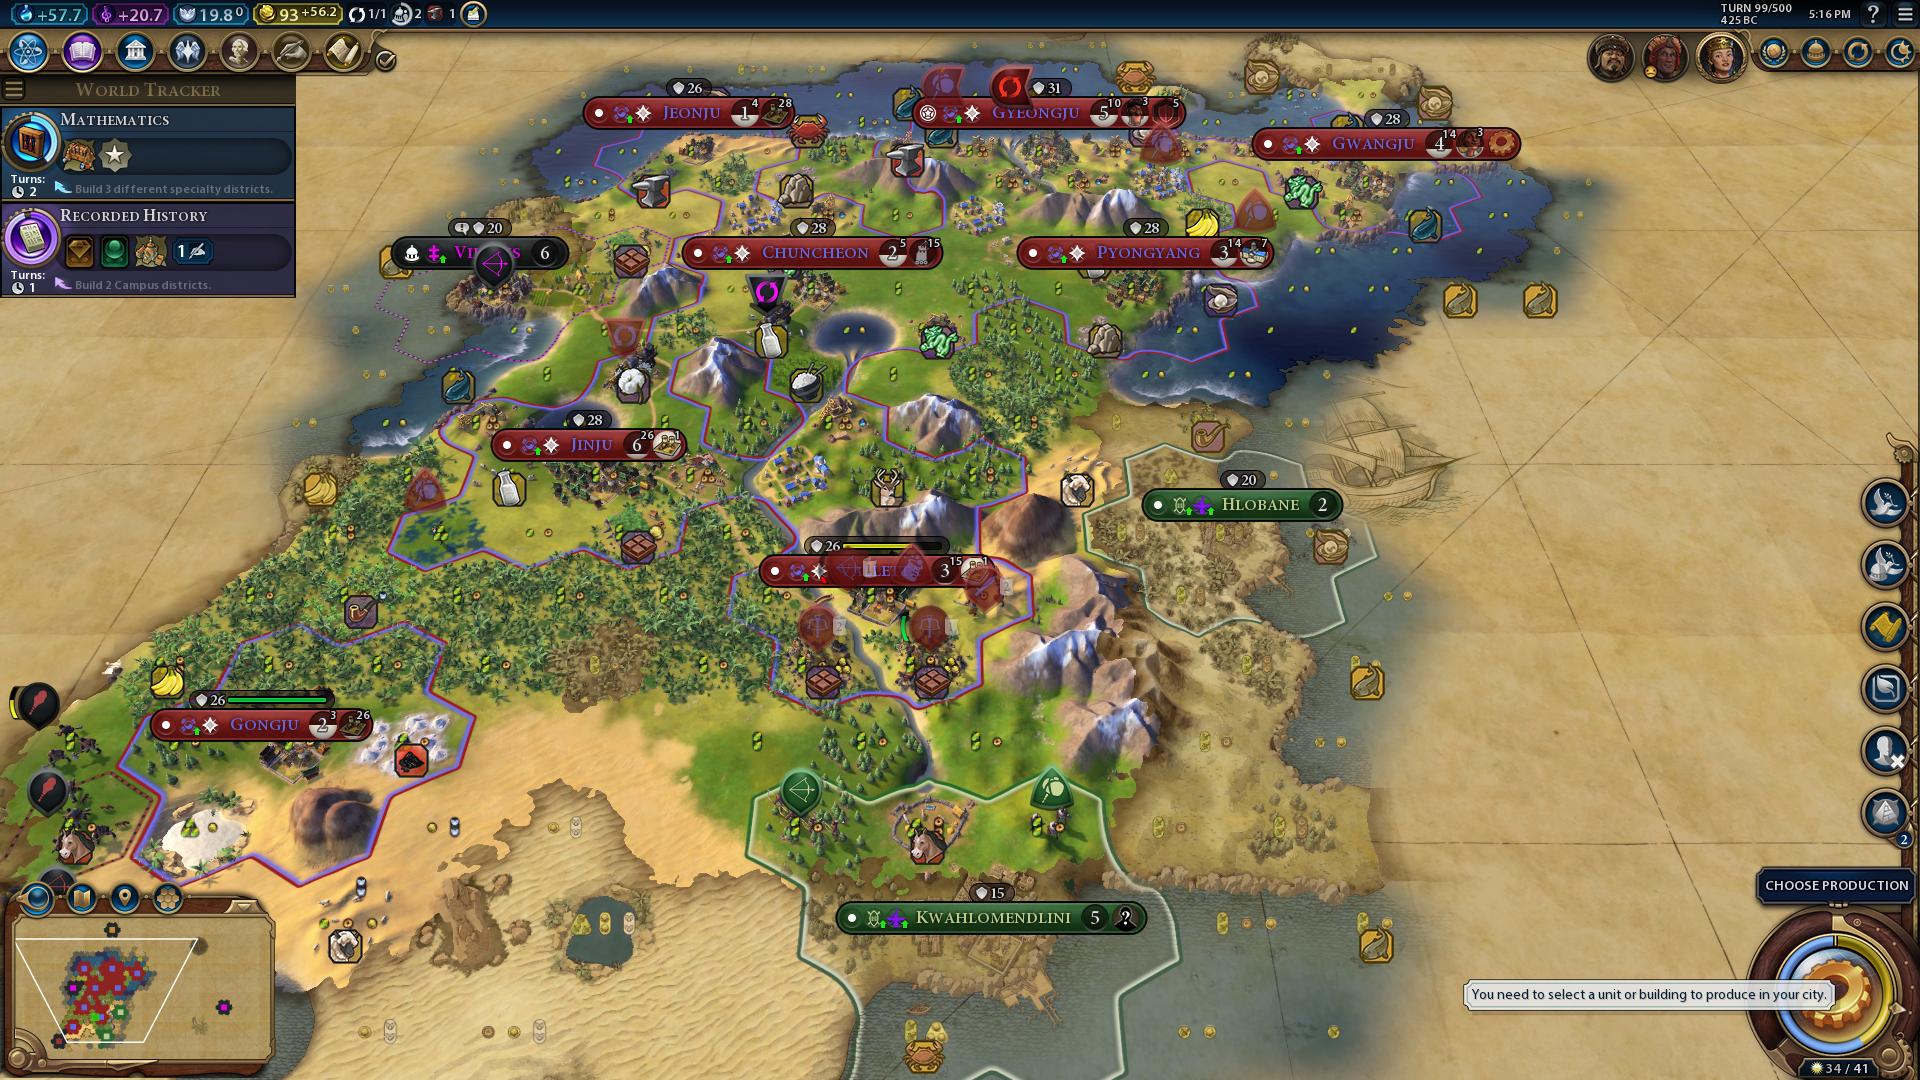 Sid Meier's Civilization VI (DX11) 5_26_2018 5_16_25 PM.png